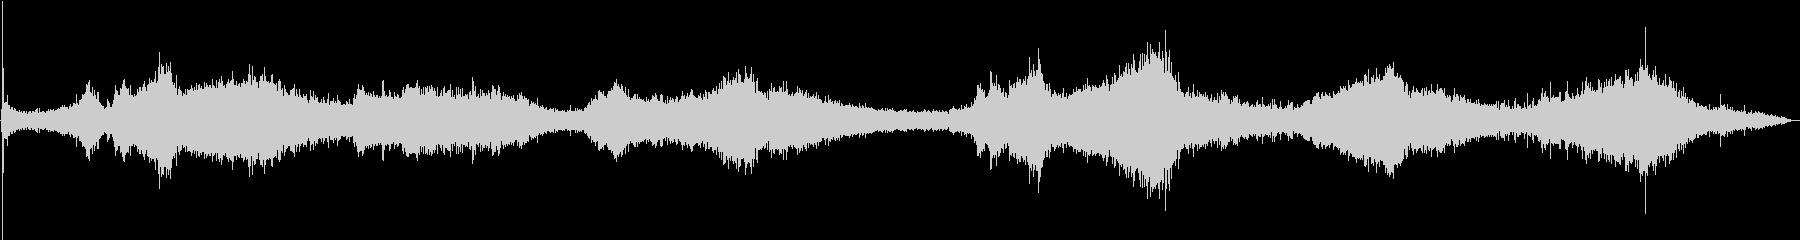 1933オースティン16:内線:オ...の未再生の波形